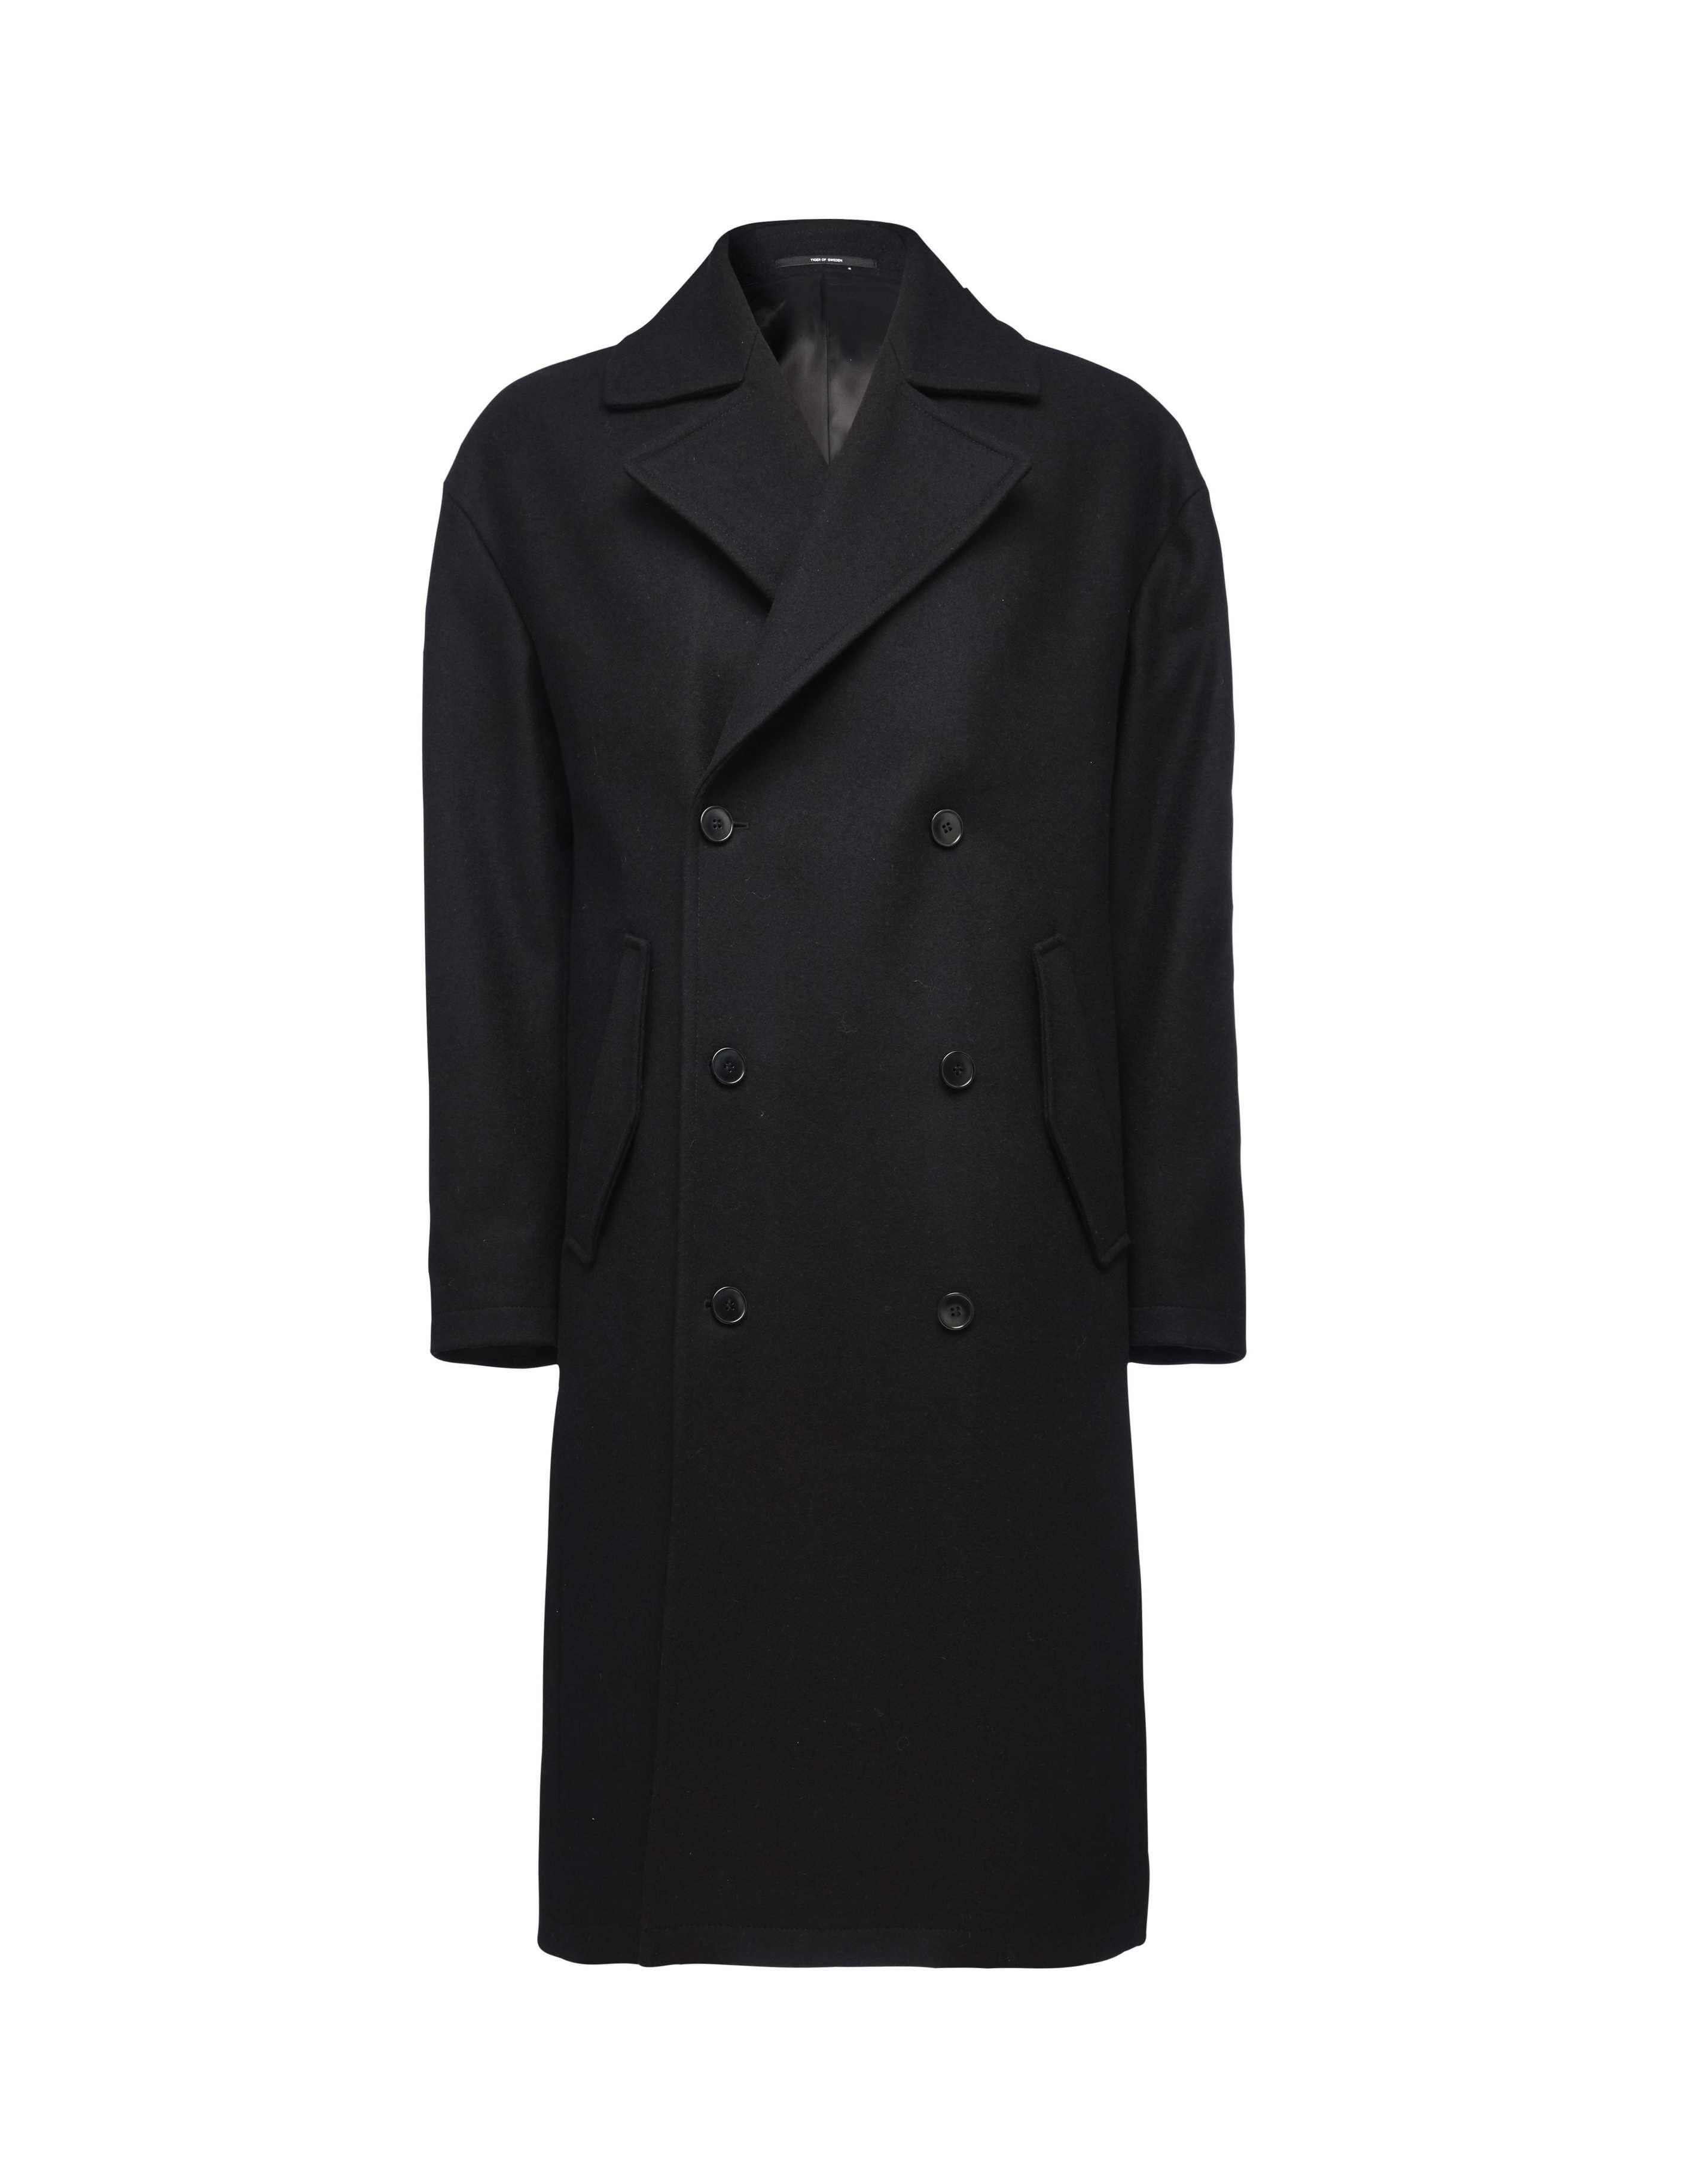 Vêtements En Diger Achetez Des Tout Ligne Manteau wOkPX0N8n